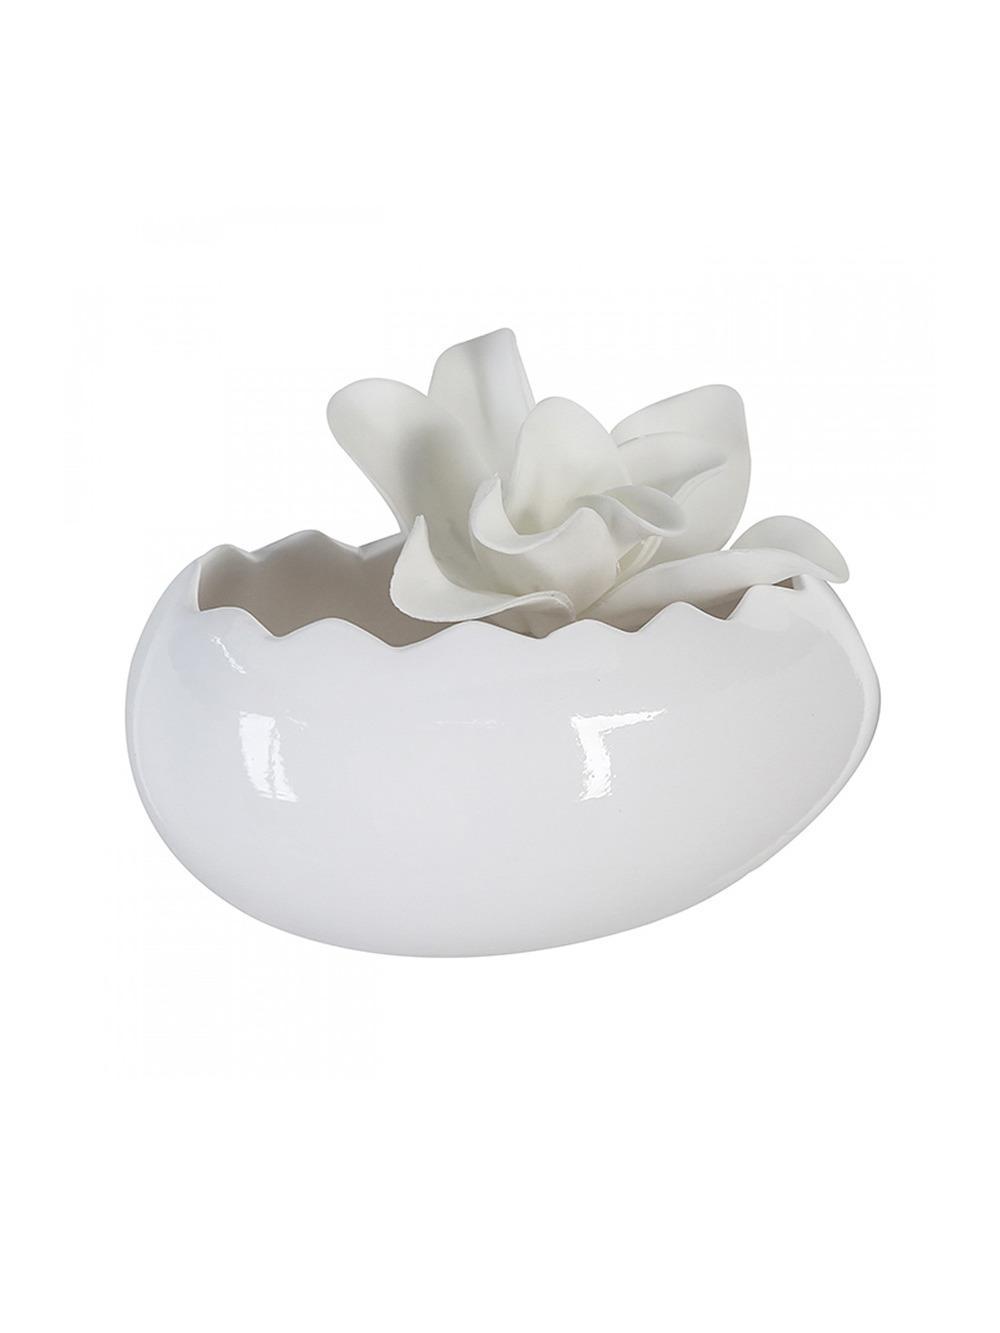 Keramický kvetináč / misa Egg, 20 cm, biela